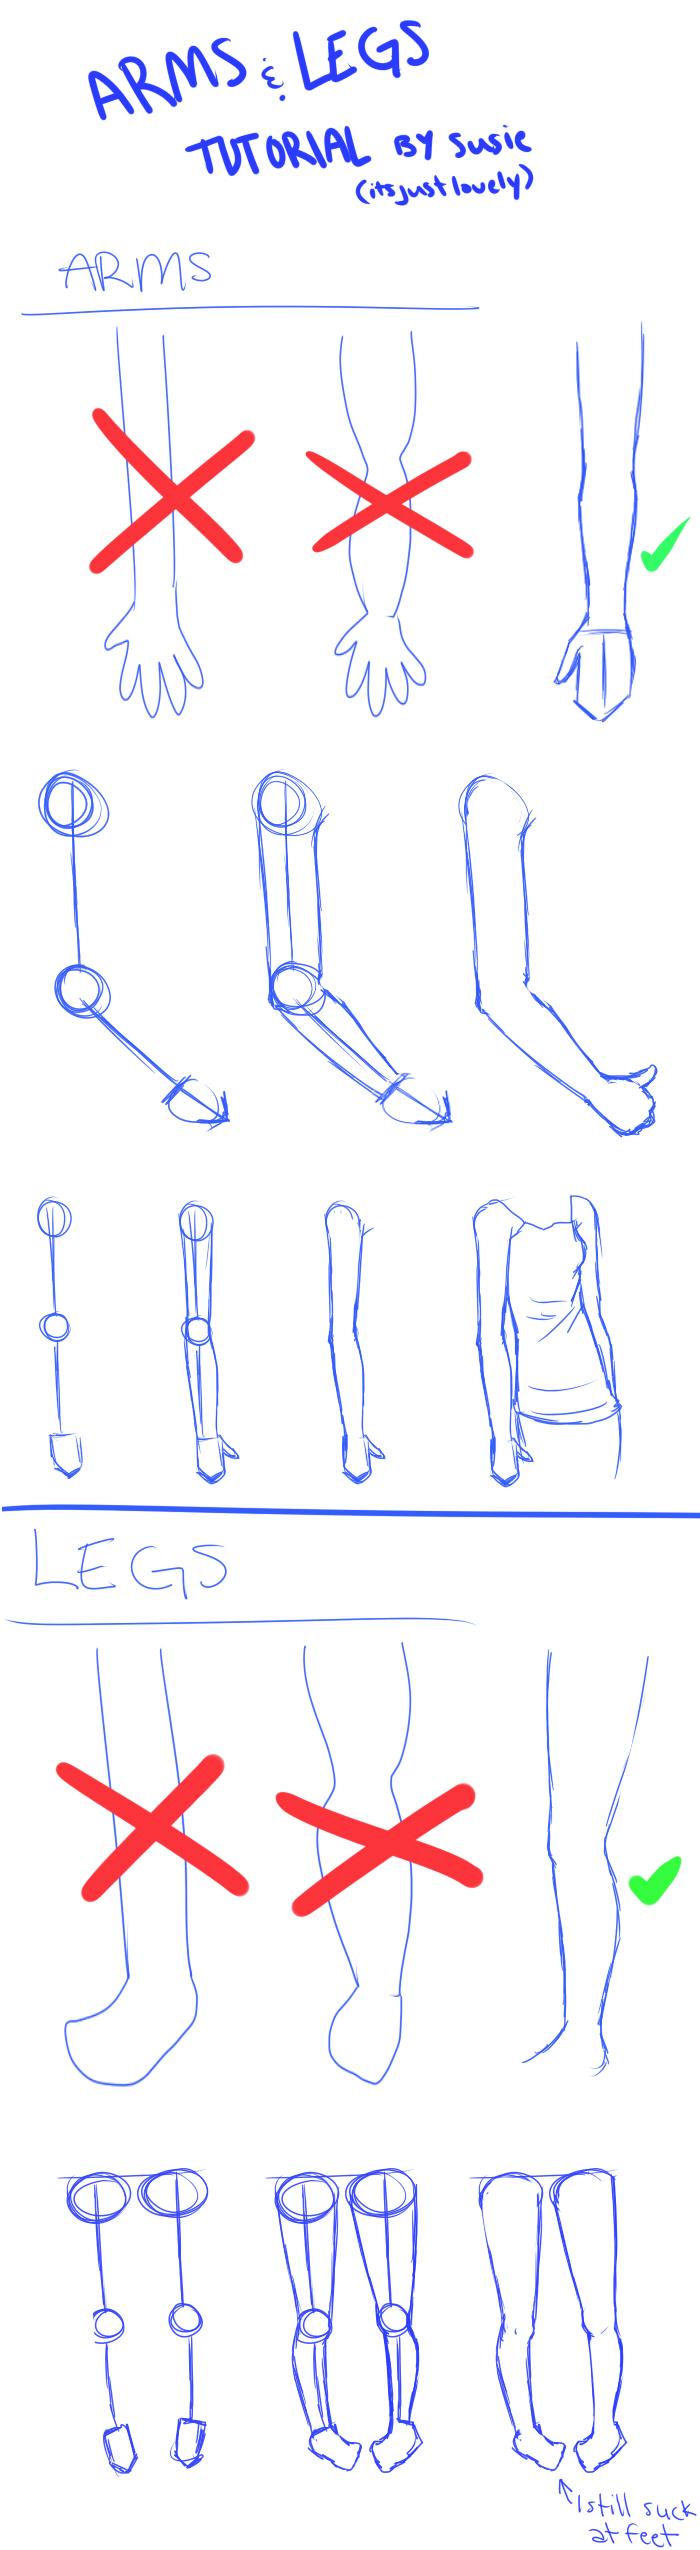 ARMS n' LEGS Tutorial by ItsJustLovely